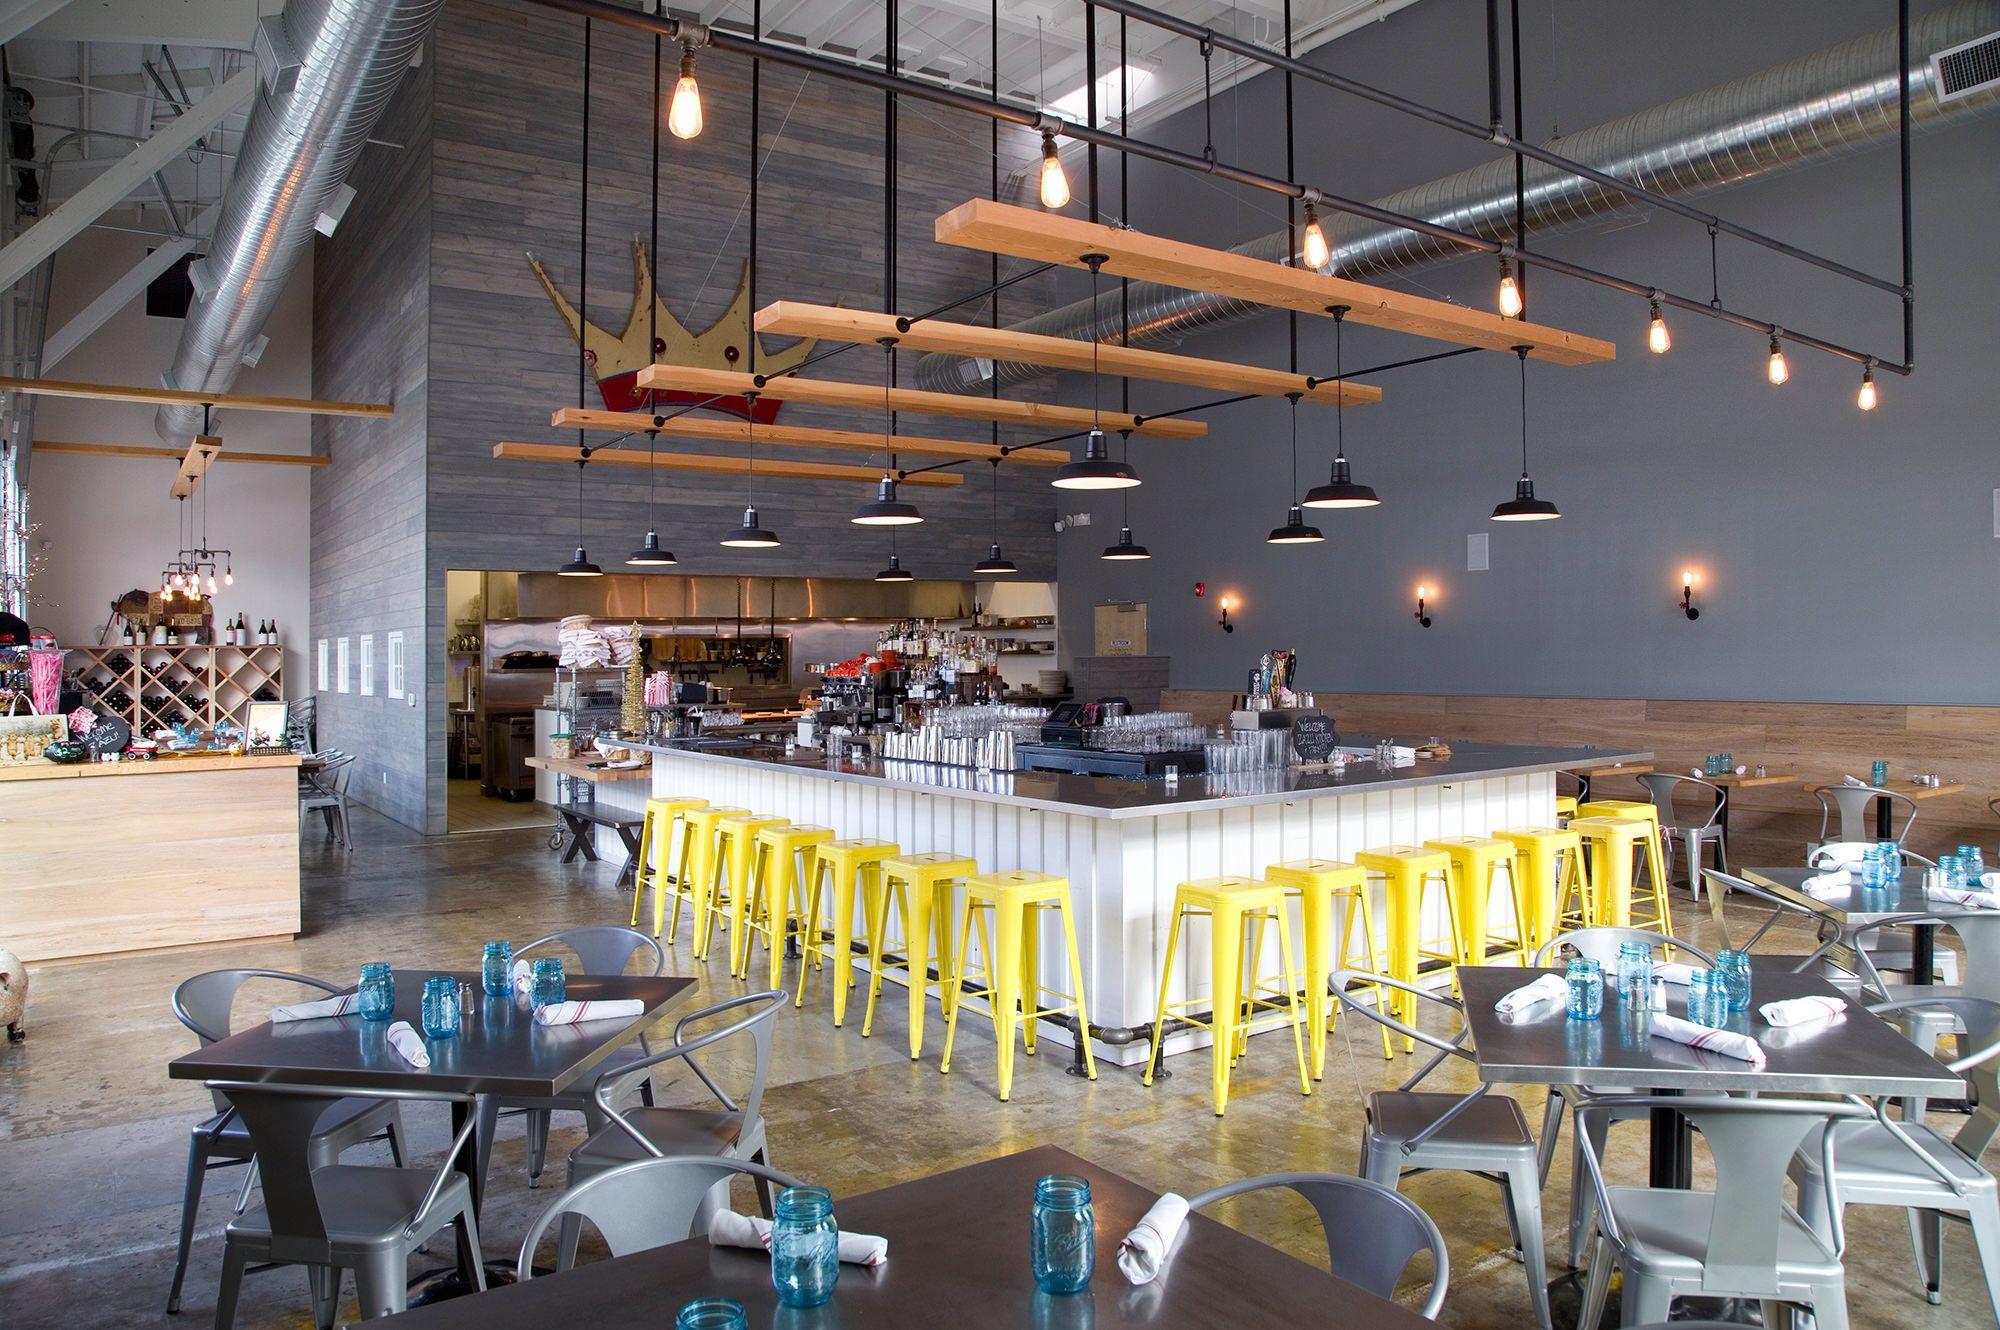 Inside of Zazu Restaurant in Sebastopol